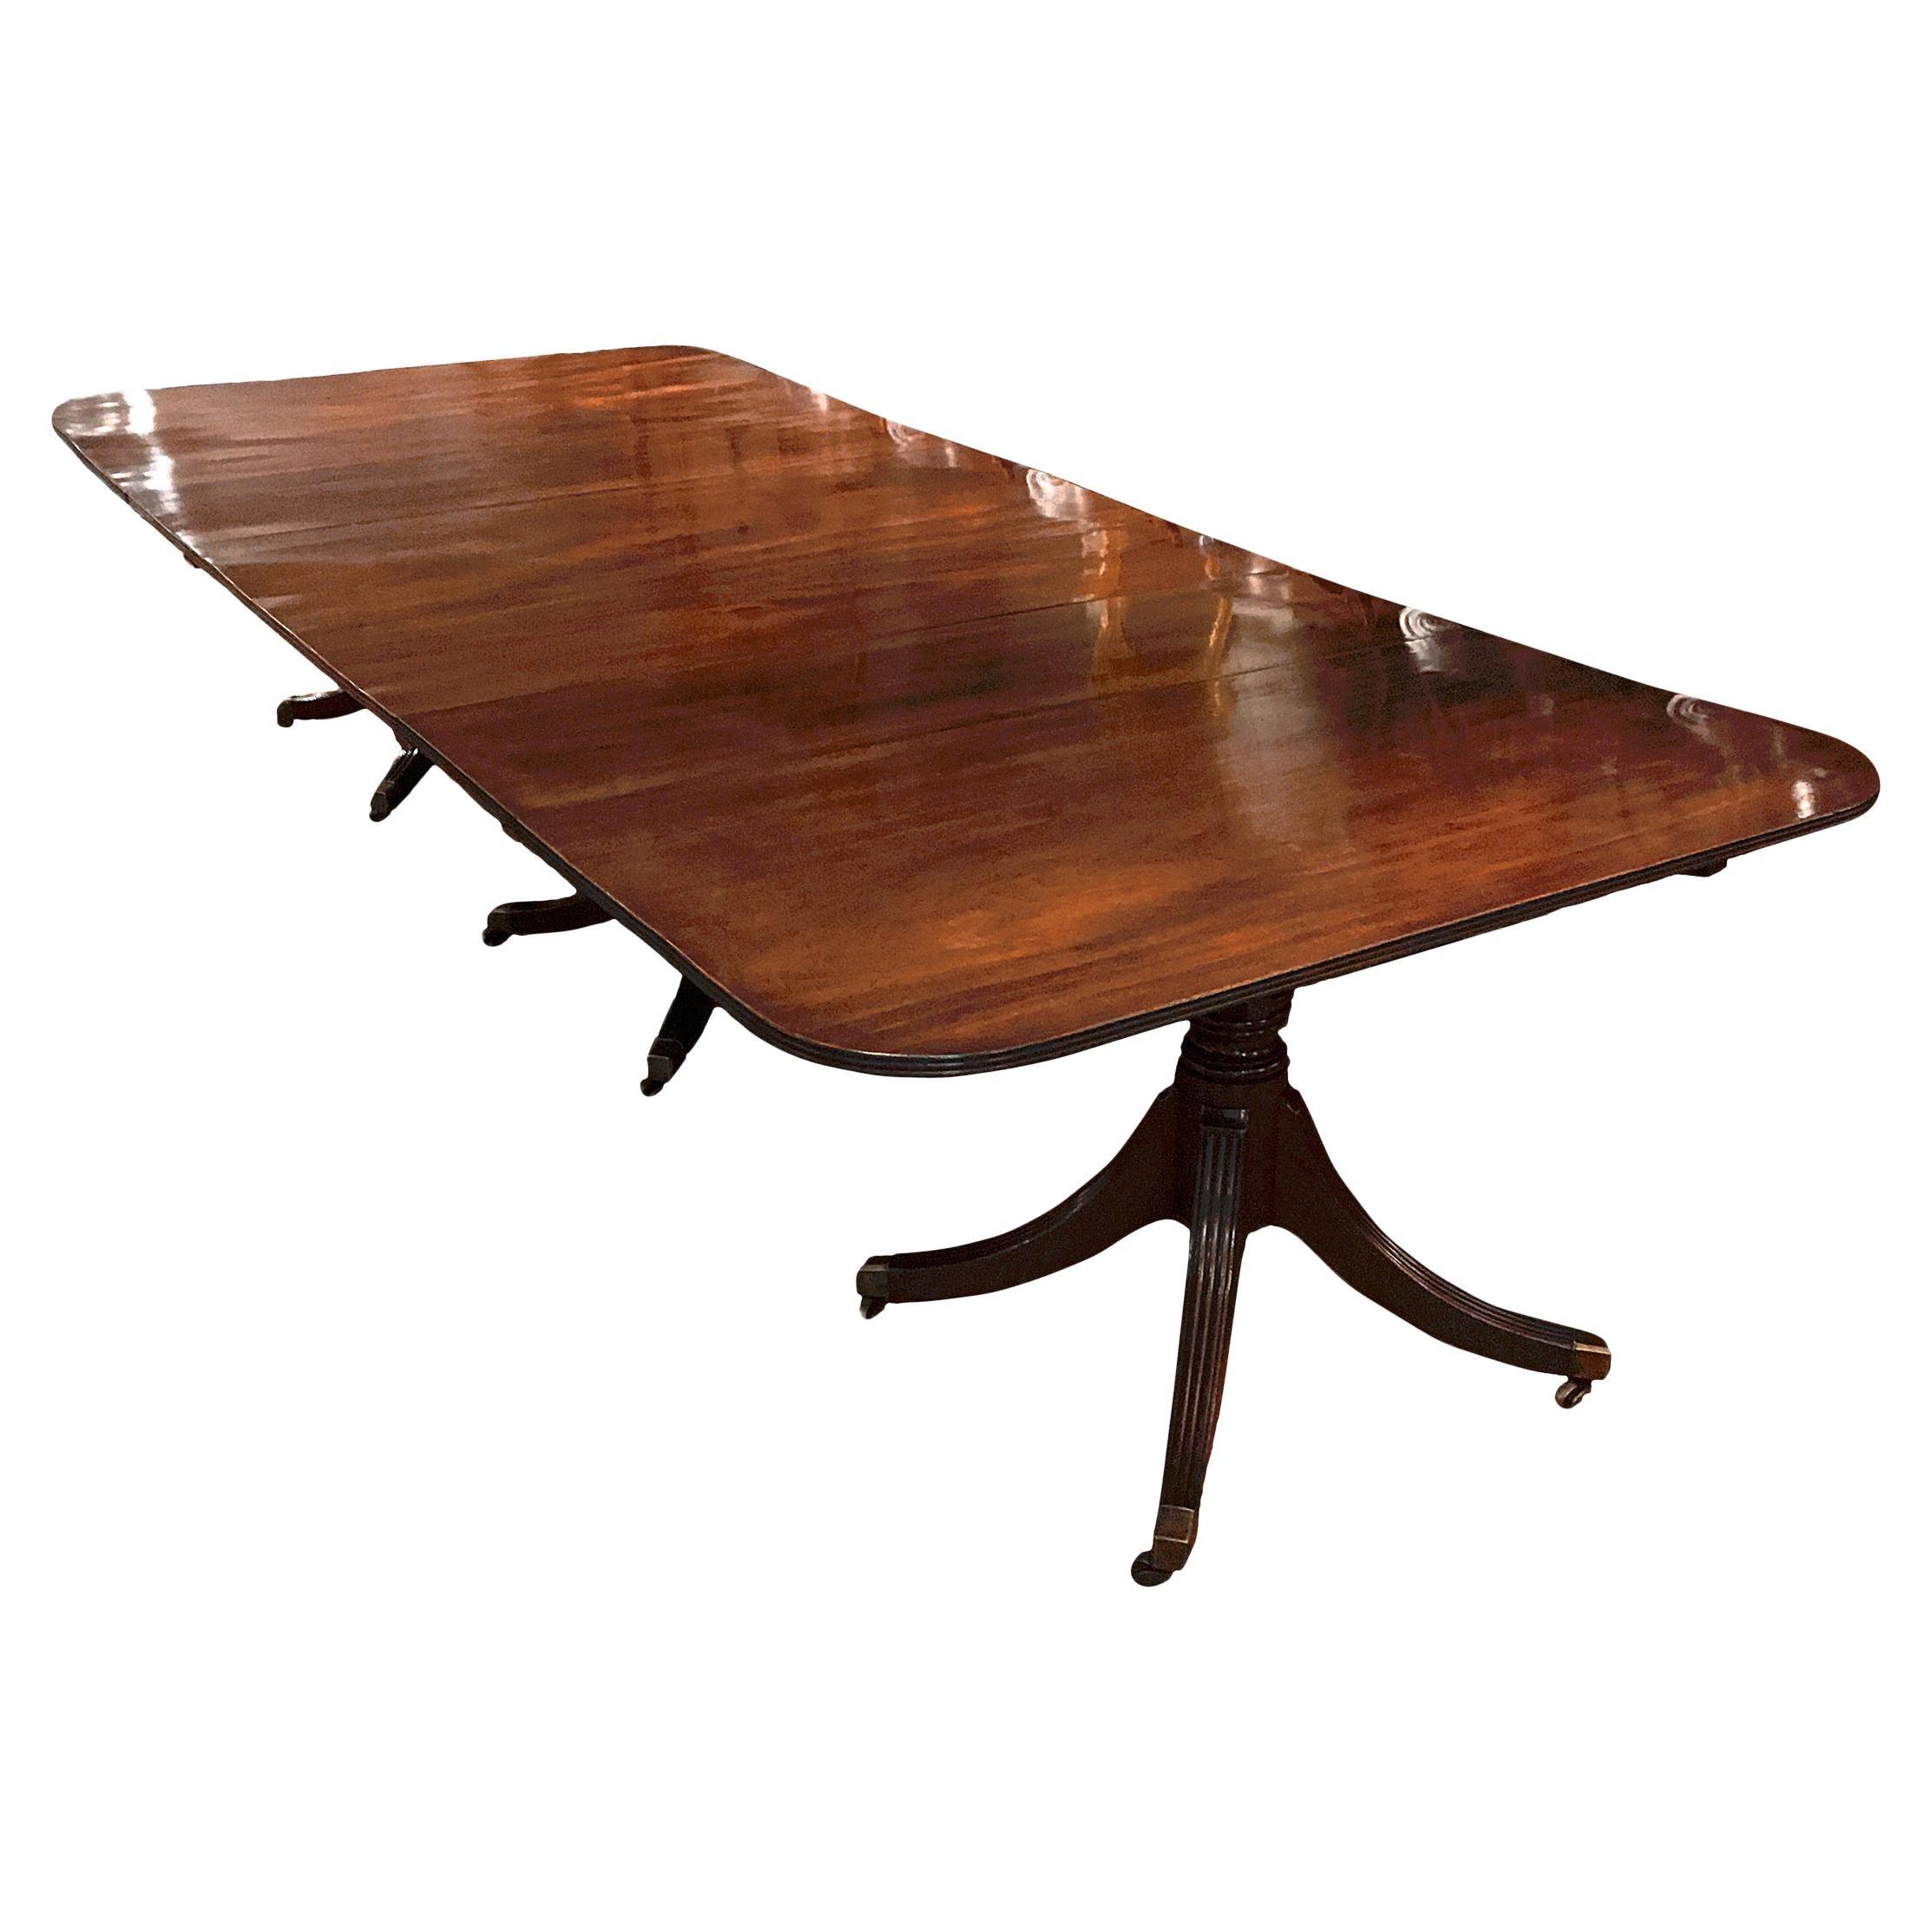 Early 19th Century Regency Mahogany Three Pedestal Dining Table